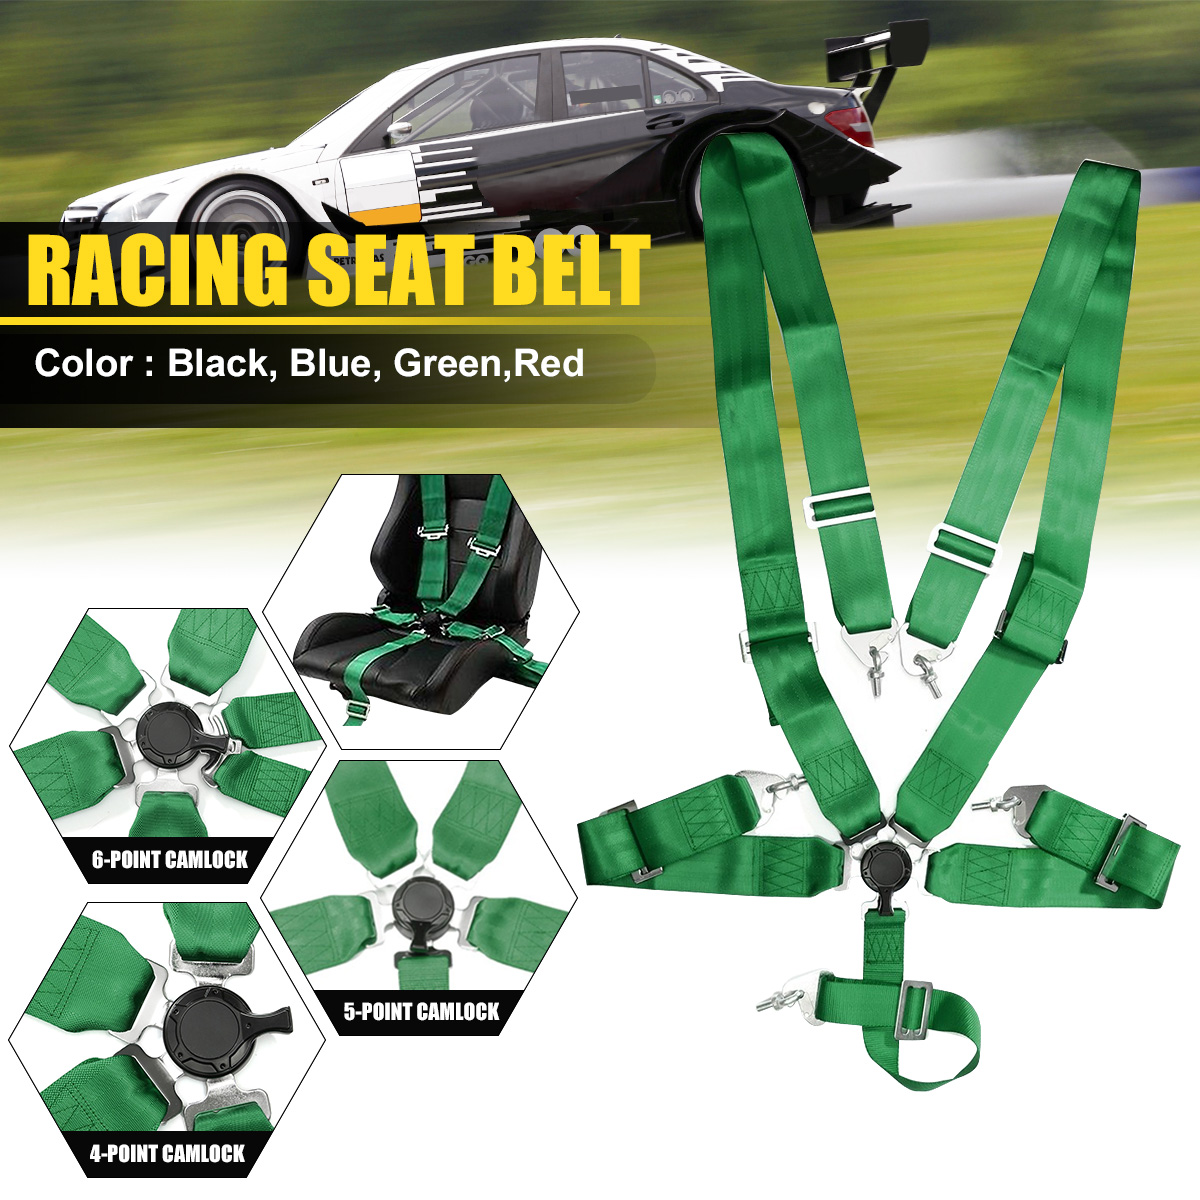 Carro de corrida cinto de segurança 4 5 6 ponto cam bloqueio corrida cinta ajustável arnês náilon universal veículo corrida segurança cinto segurança